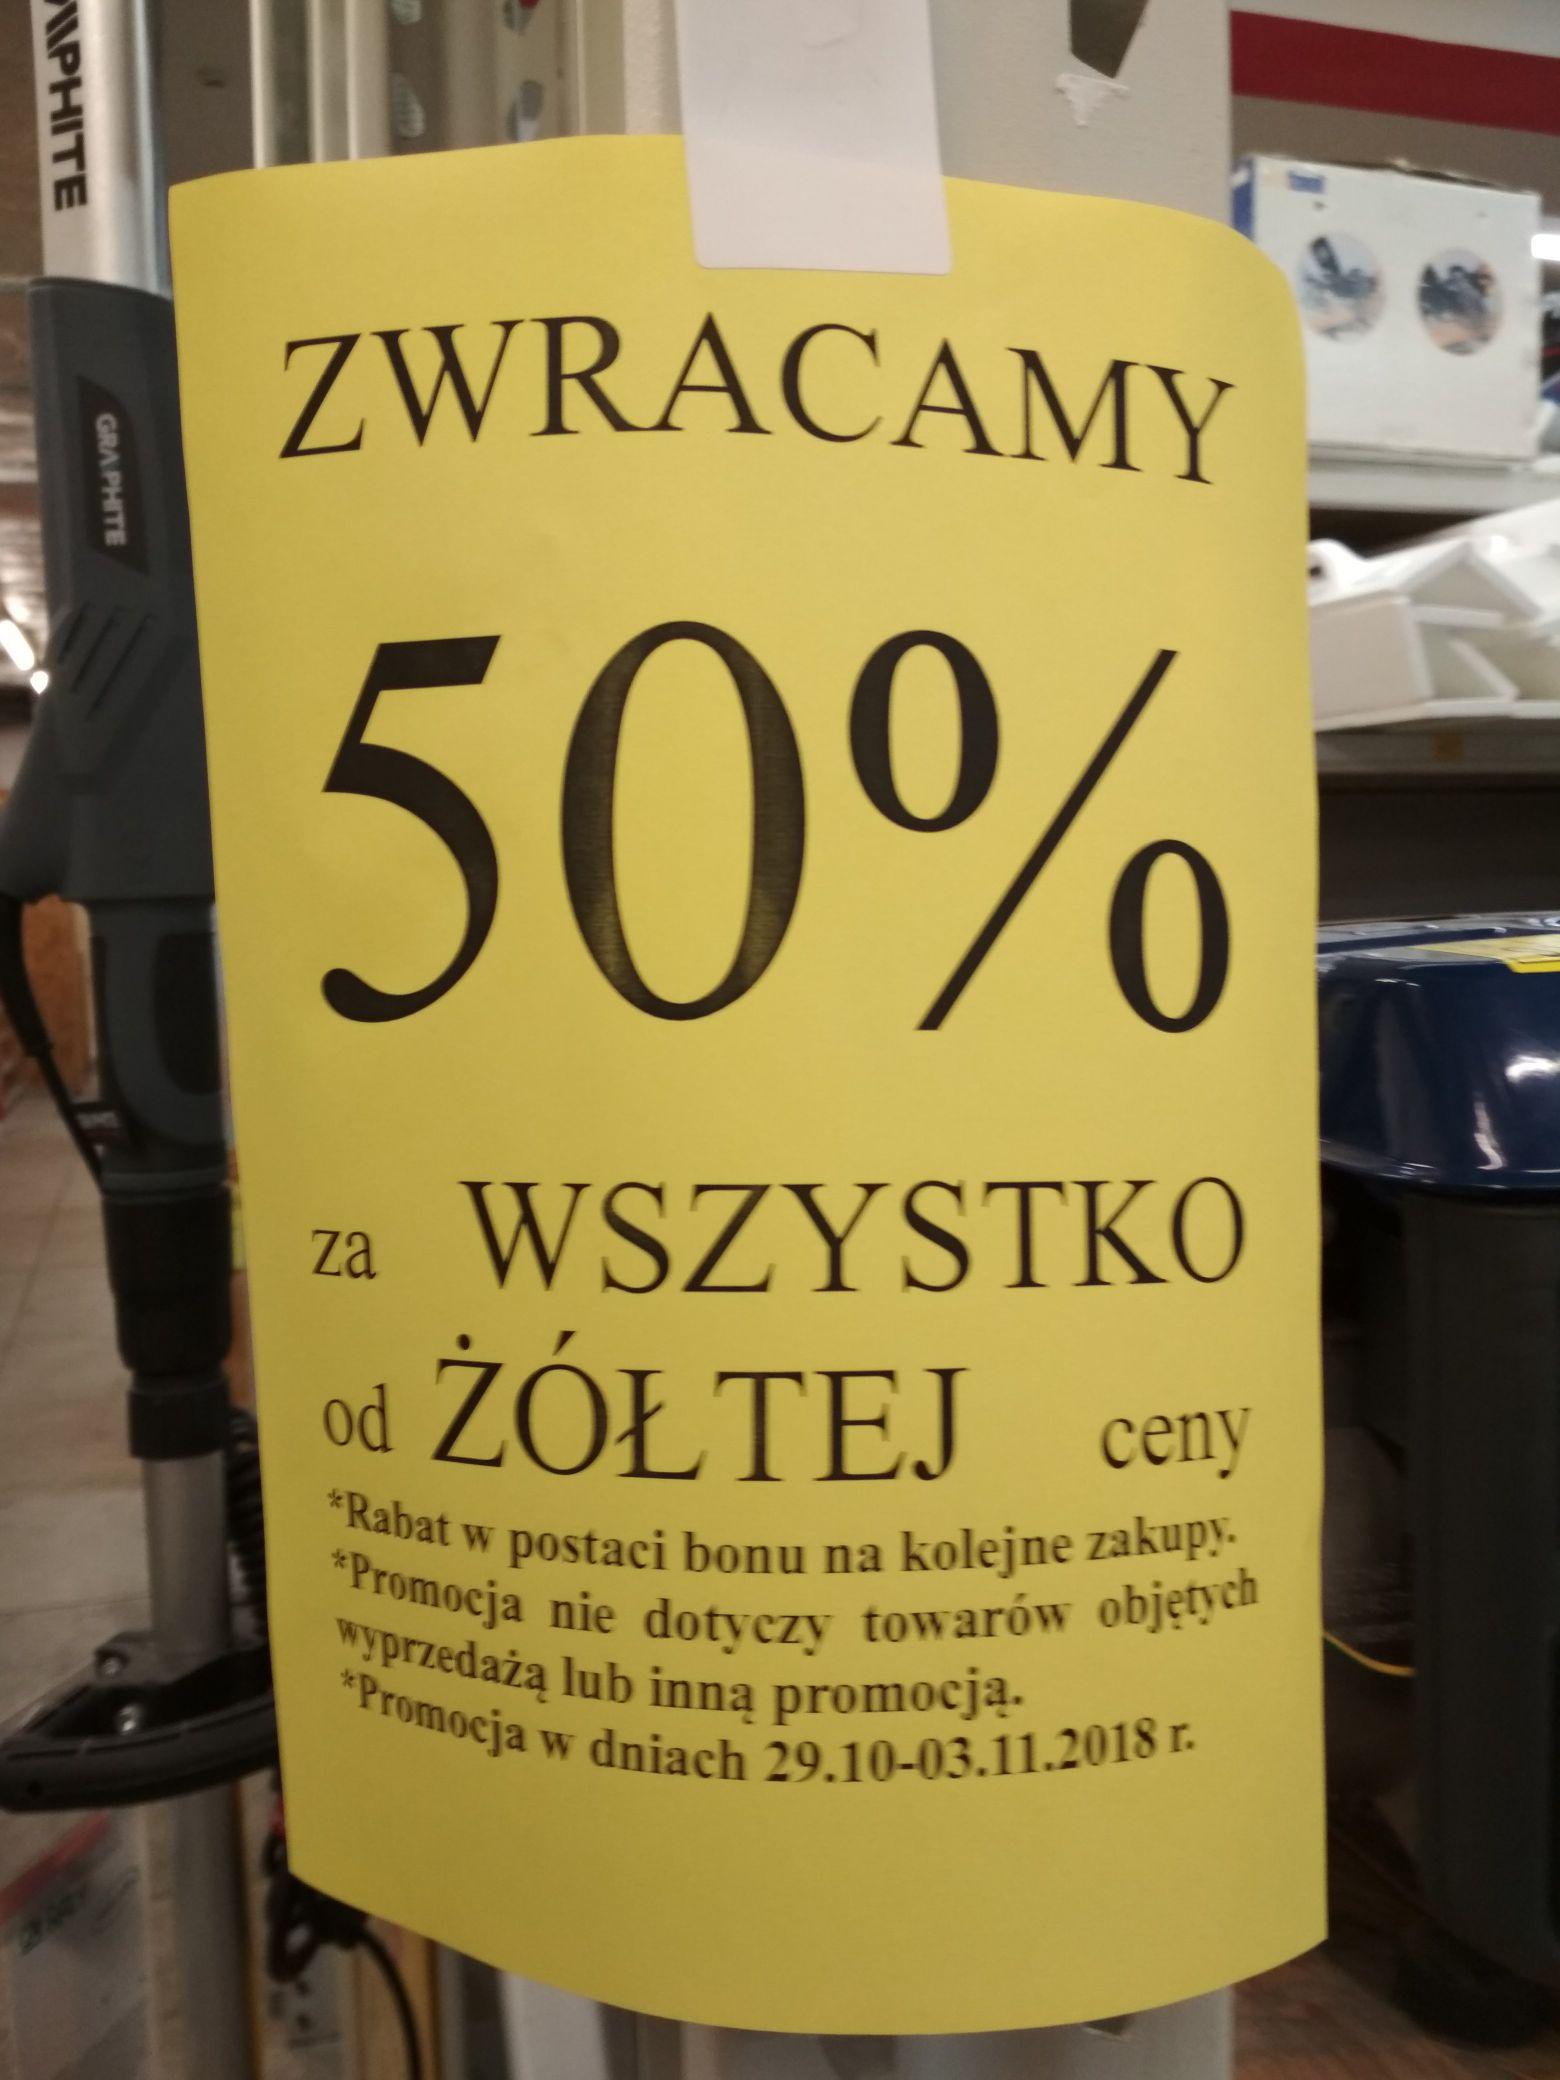 Majster likwidacja sklepu 50% w bonie. Jastrzębie-Zdrój.